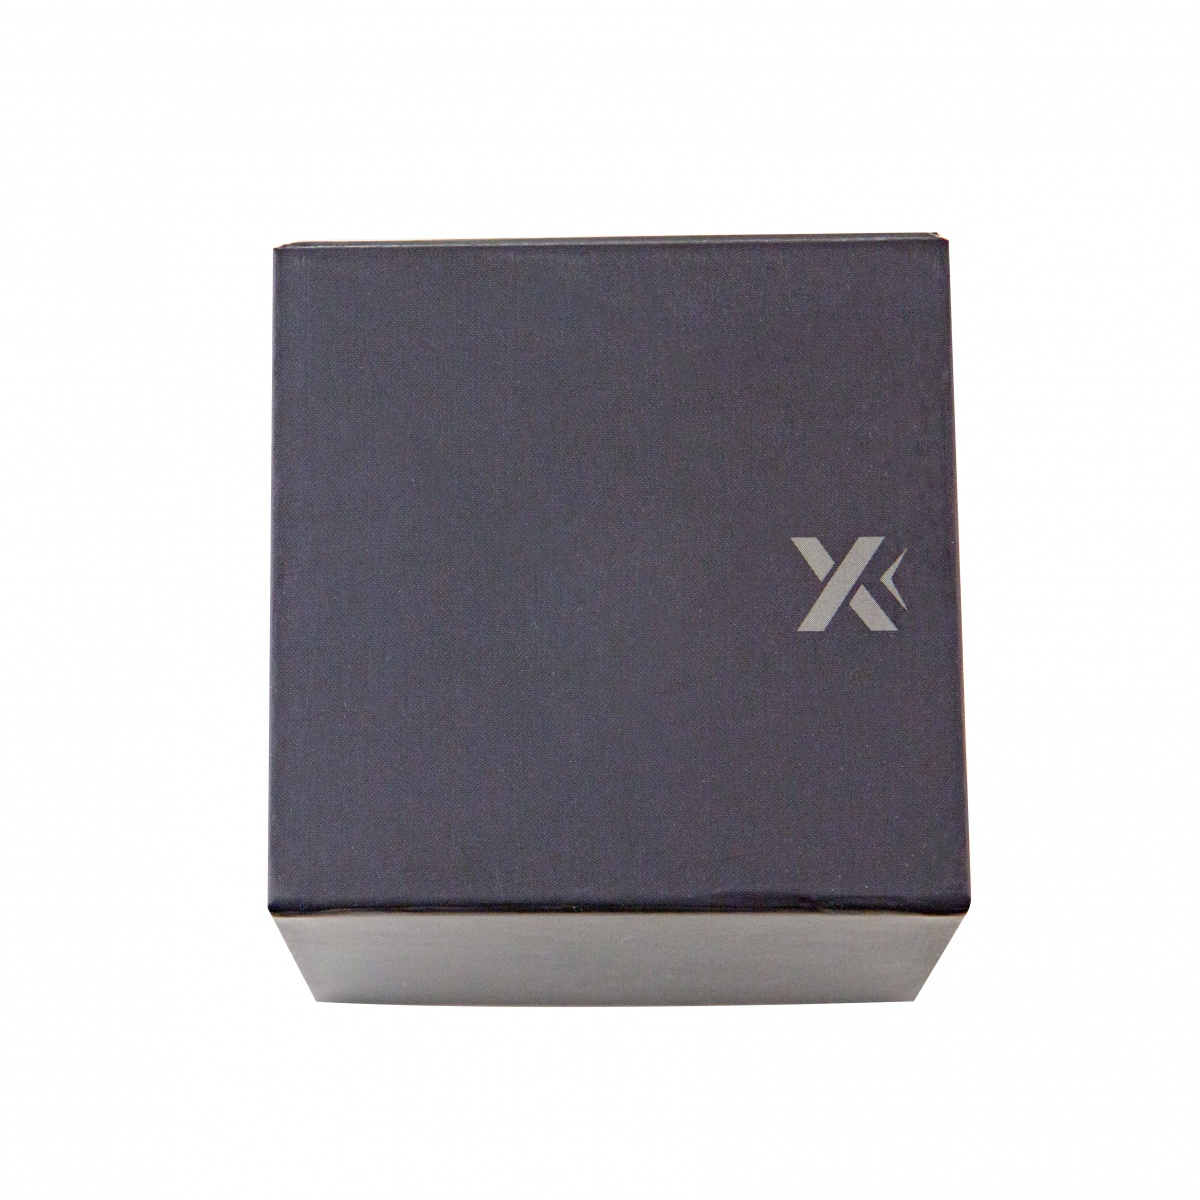 scx-design-s25-10.zoom.jpg